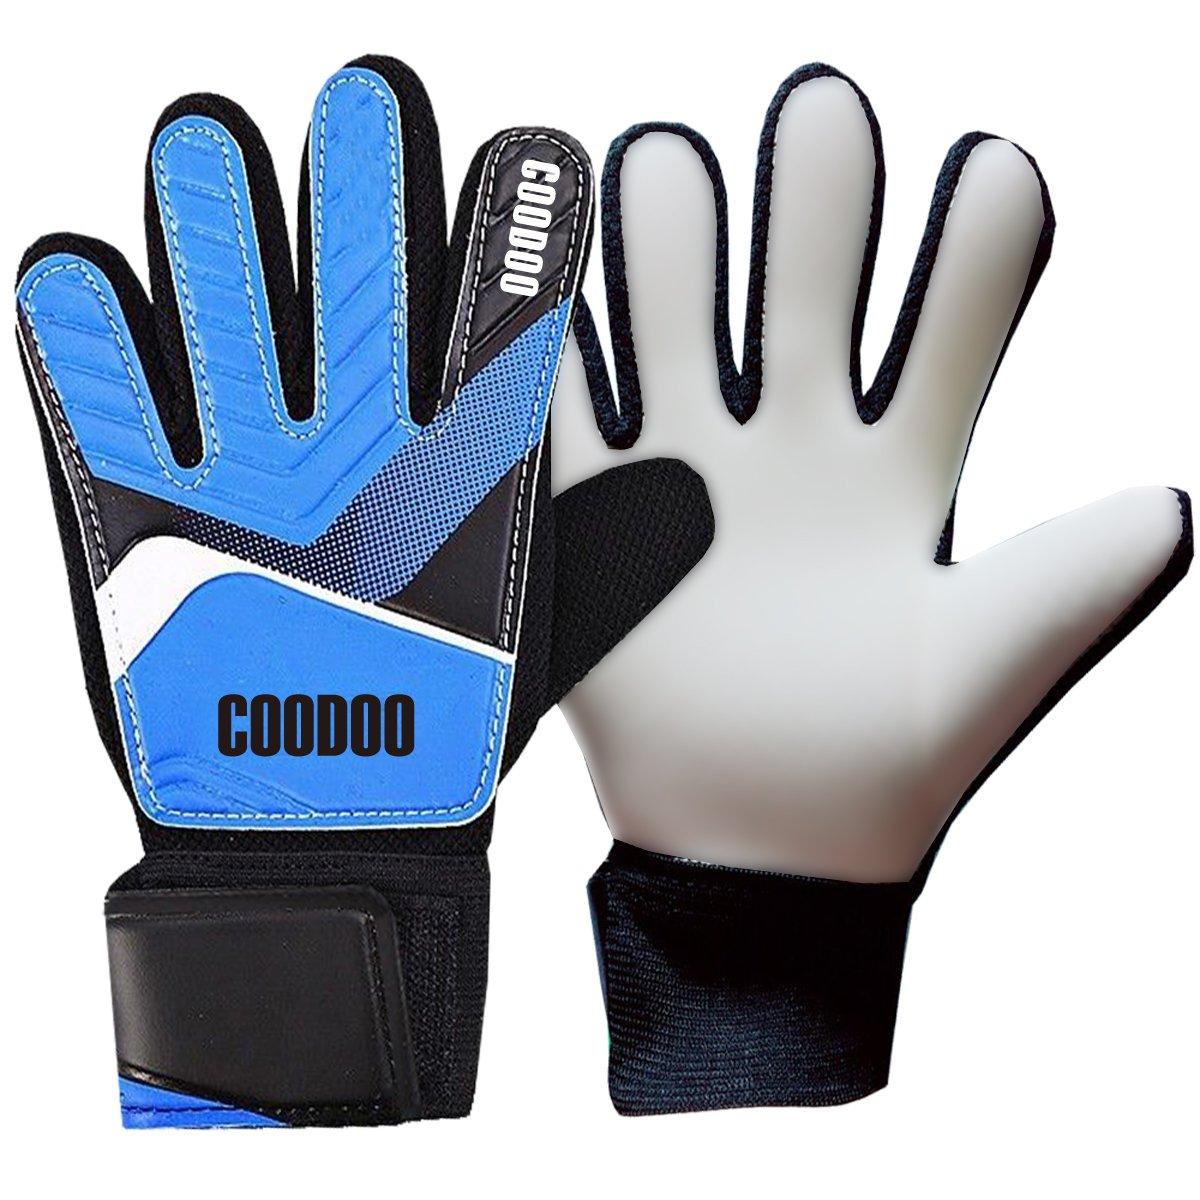 5 – 7 # Kids & Boys Football Soccer Goalkeeper Goalieトレーニンググローブギア保護ケガを防止 B076Q5RBJ8 Size 5 ブルー ブルー Size 5